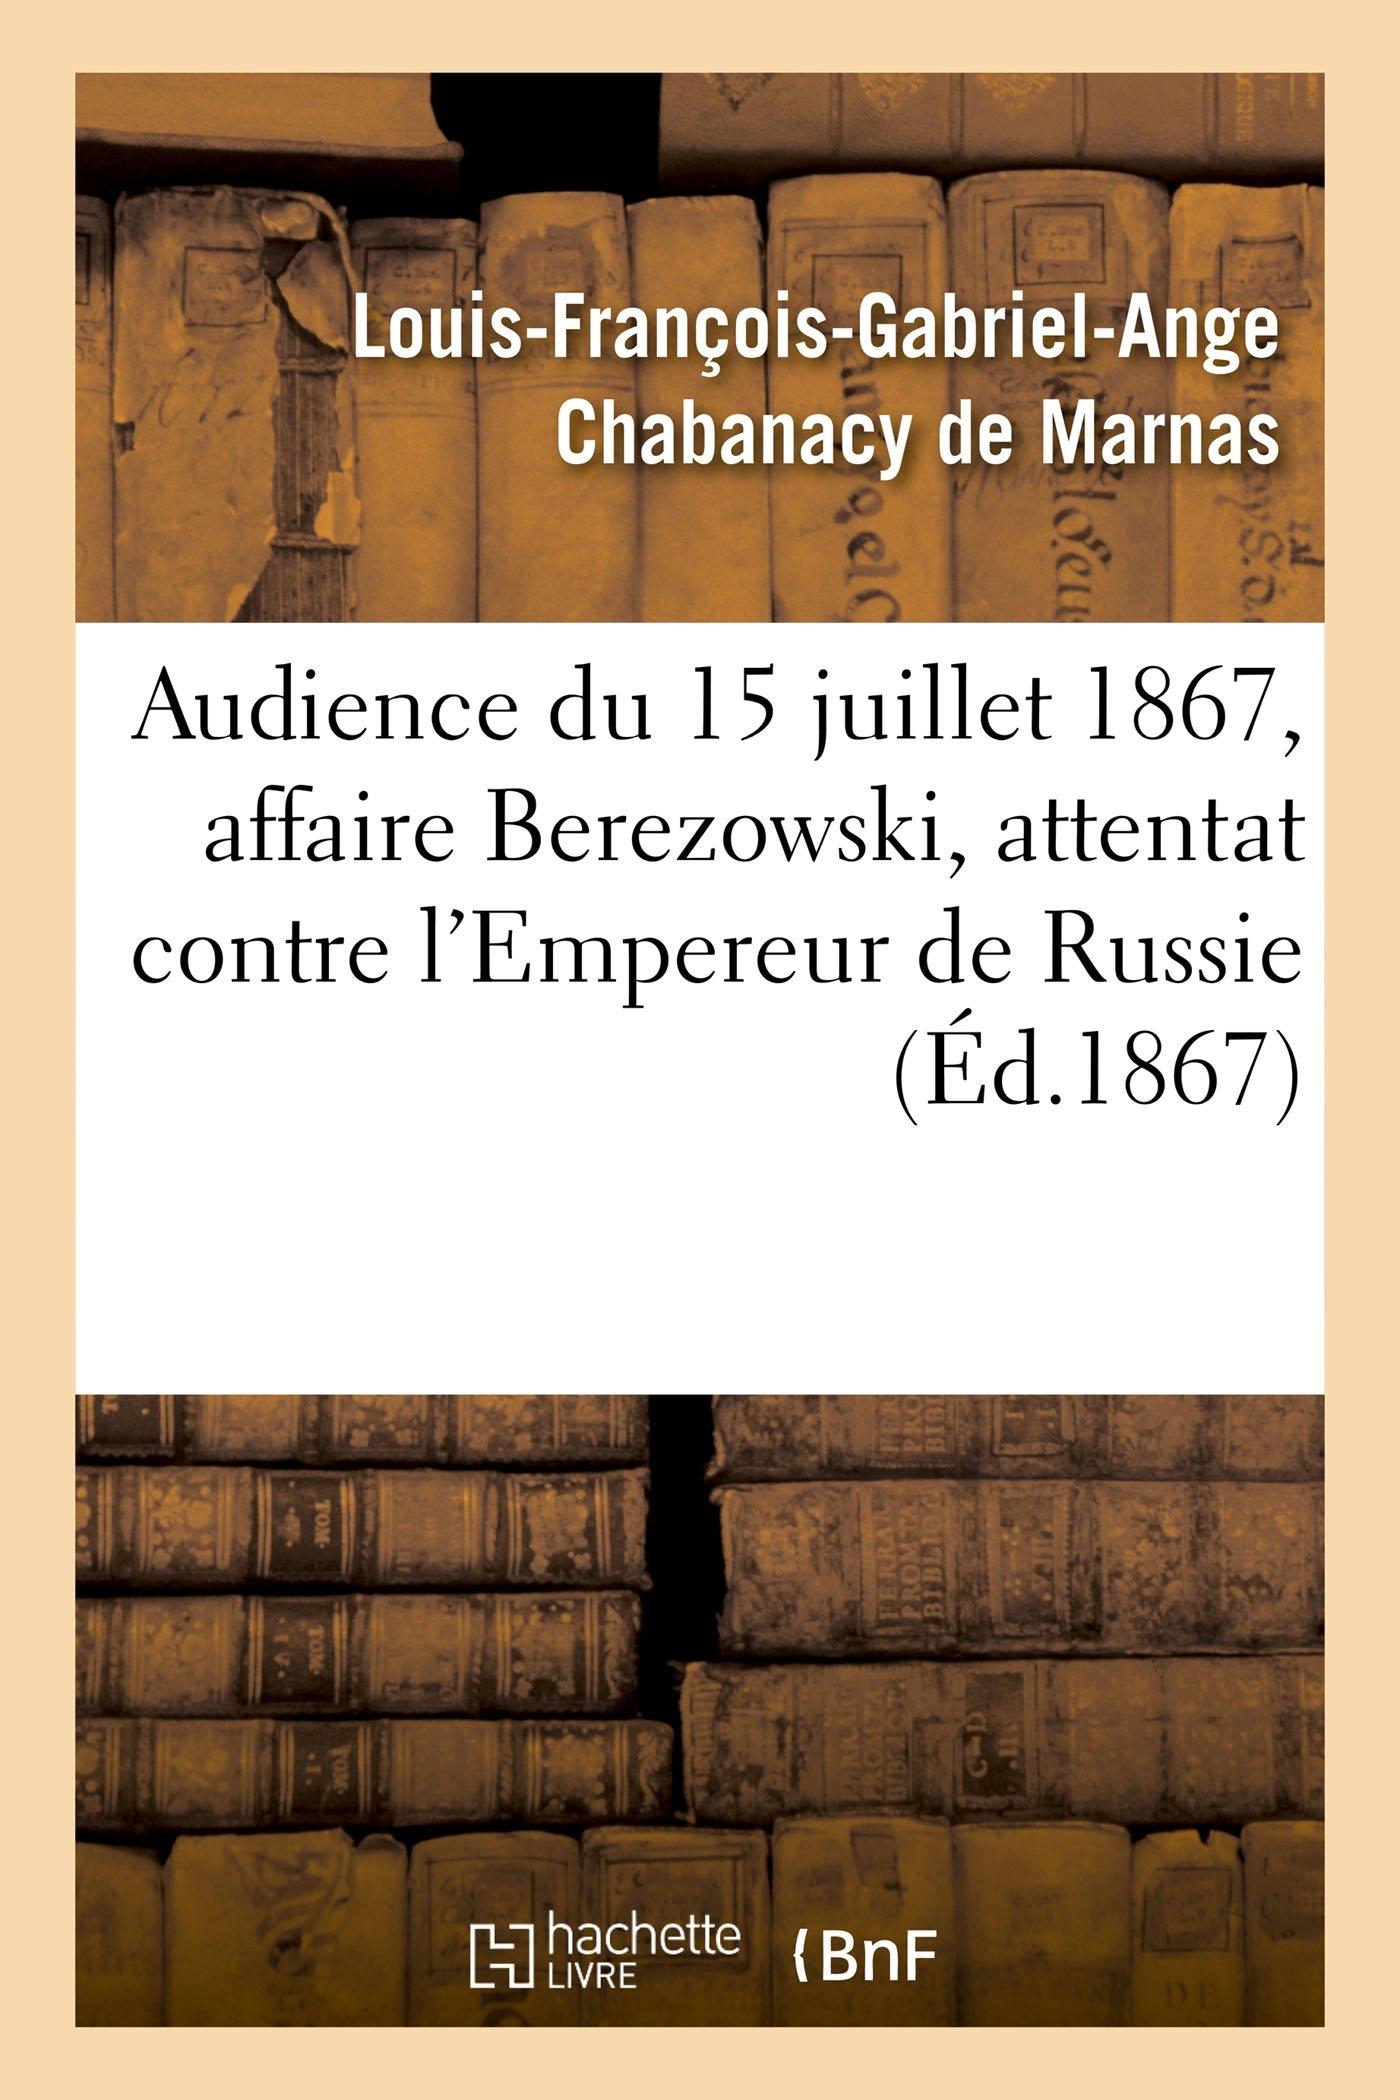 Audience Du 15 Juillet 1867, Affaire Berezowski, Attentat Contre La Personne de S. M. l'Empereur (Histoire) (French Edition) ebook